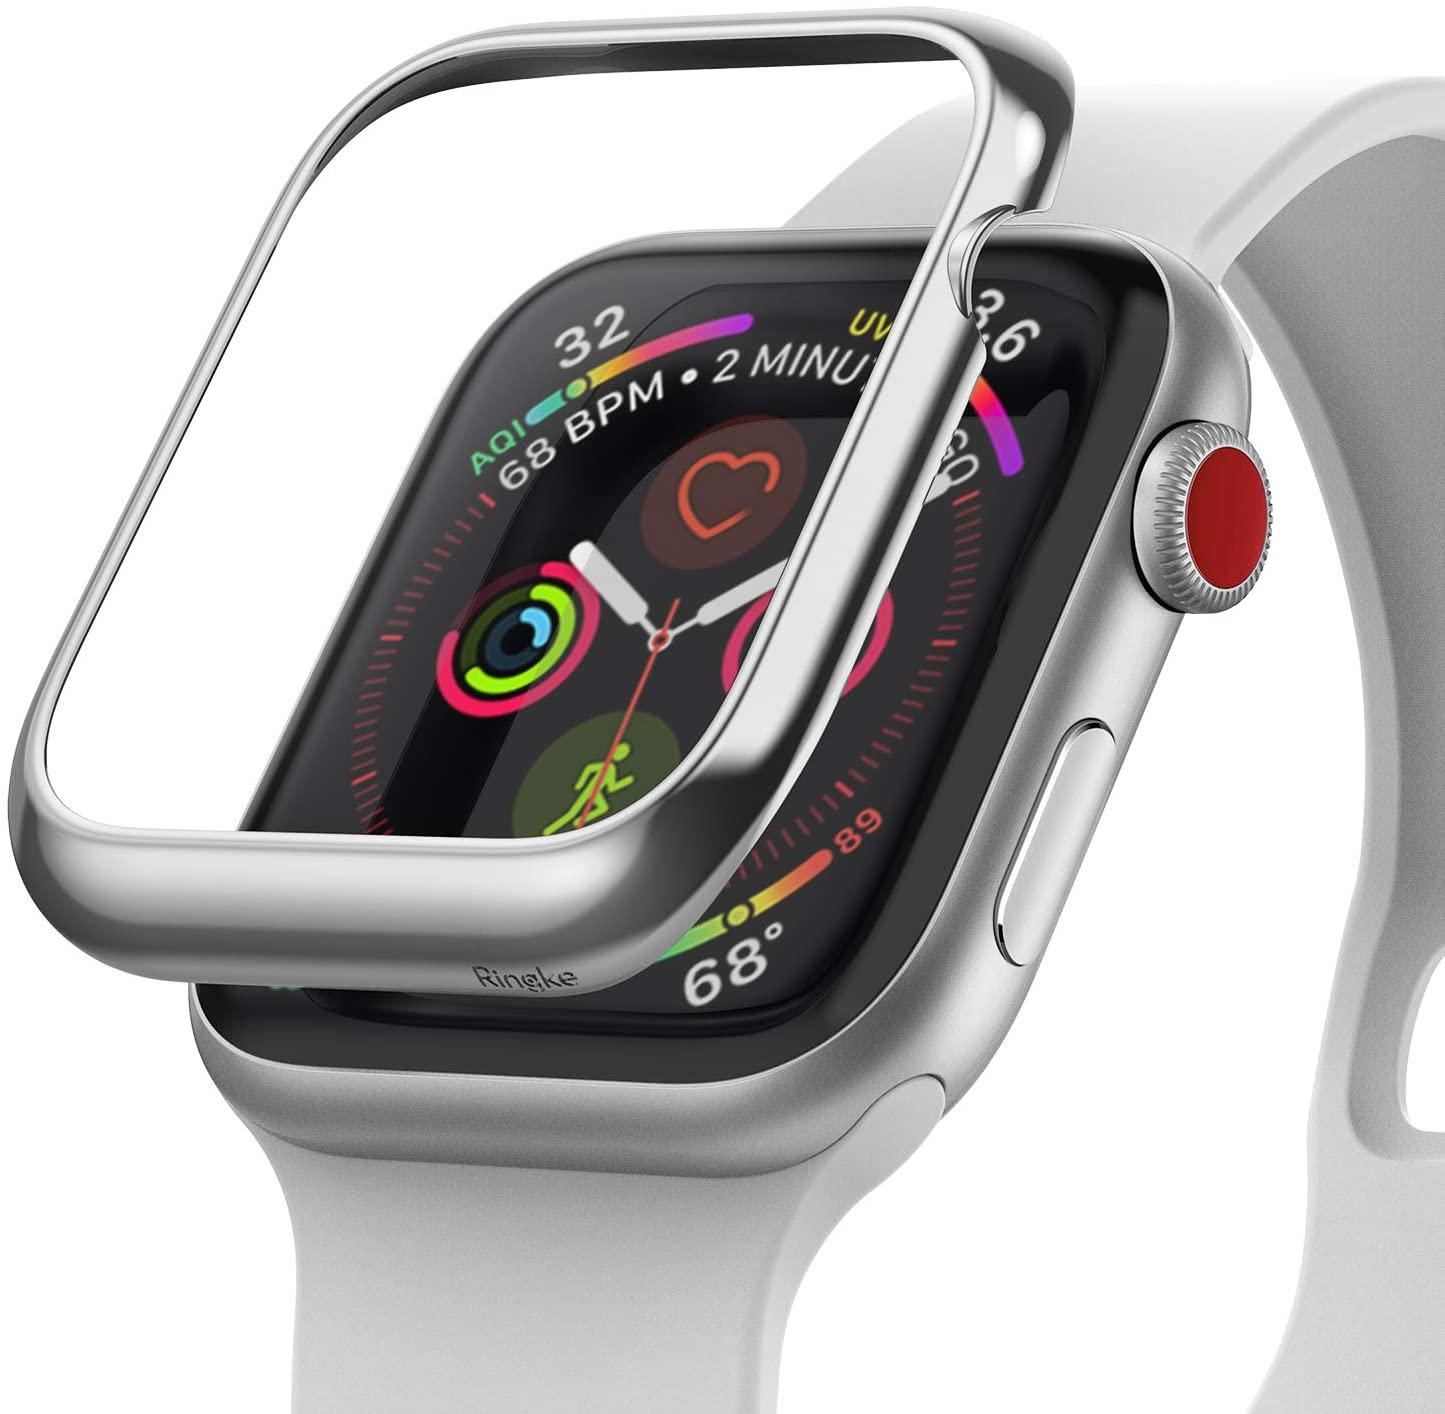 Ringke Bezel Styling Case Designed for Apple Watch 3, Apple Watch 2, Apple Watch 1 (38mm) Full Stainless Steel Frame Case - AW3-01